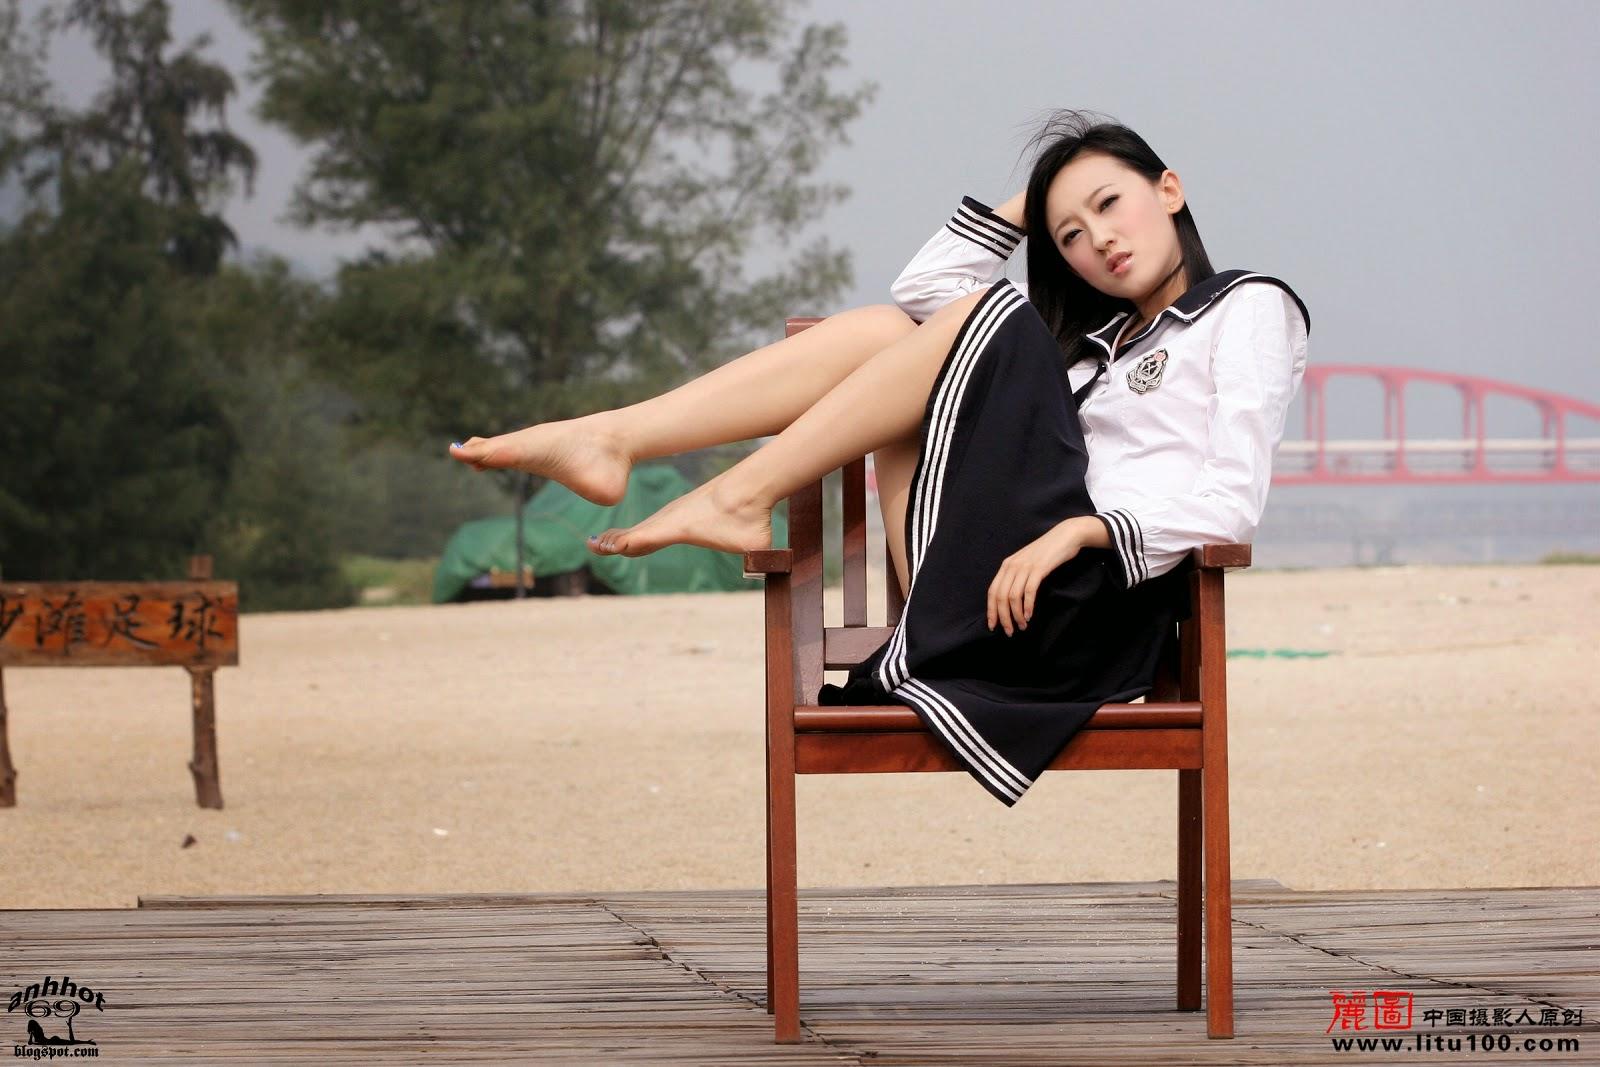 litu-200600819-zhang-tian-yi-sea_IMG_6244